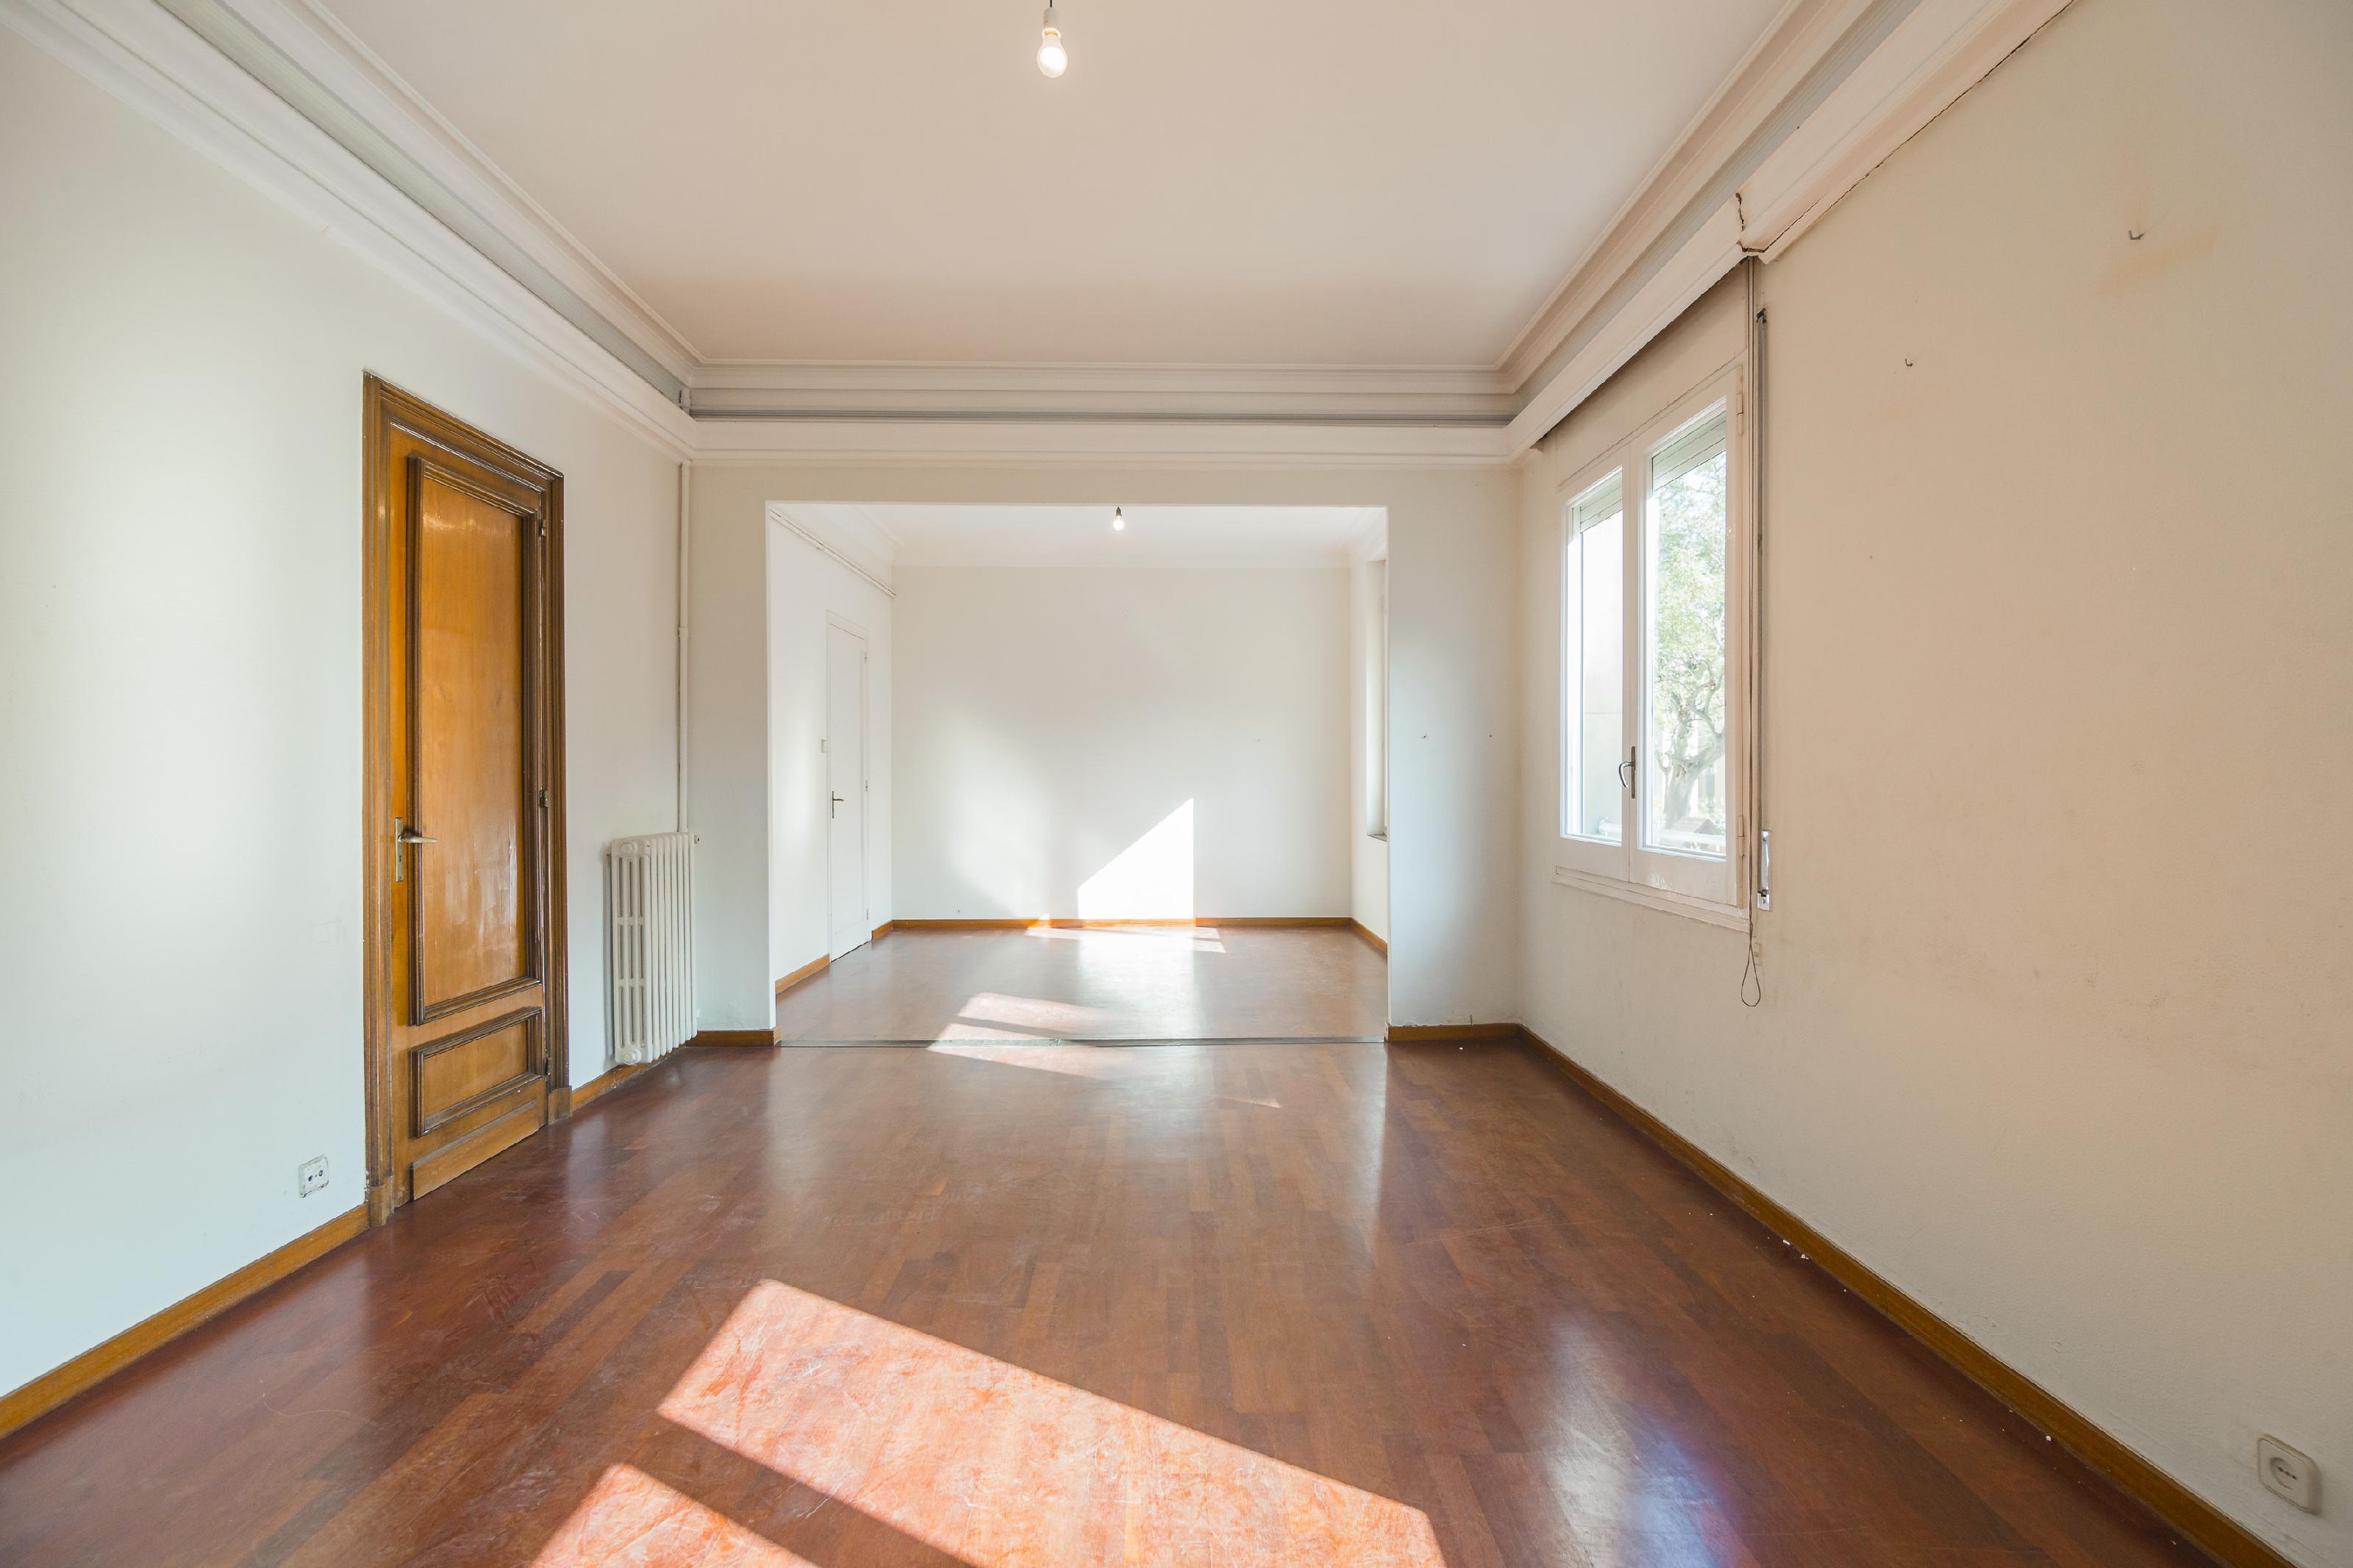 246347 Flat for sale in Sarrià-Sant Gervasi, St. Gervasi-Bonanova 2